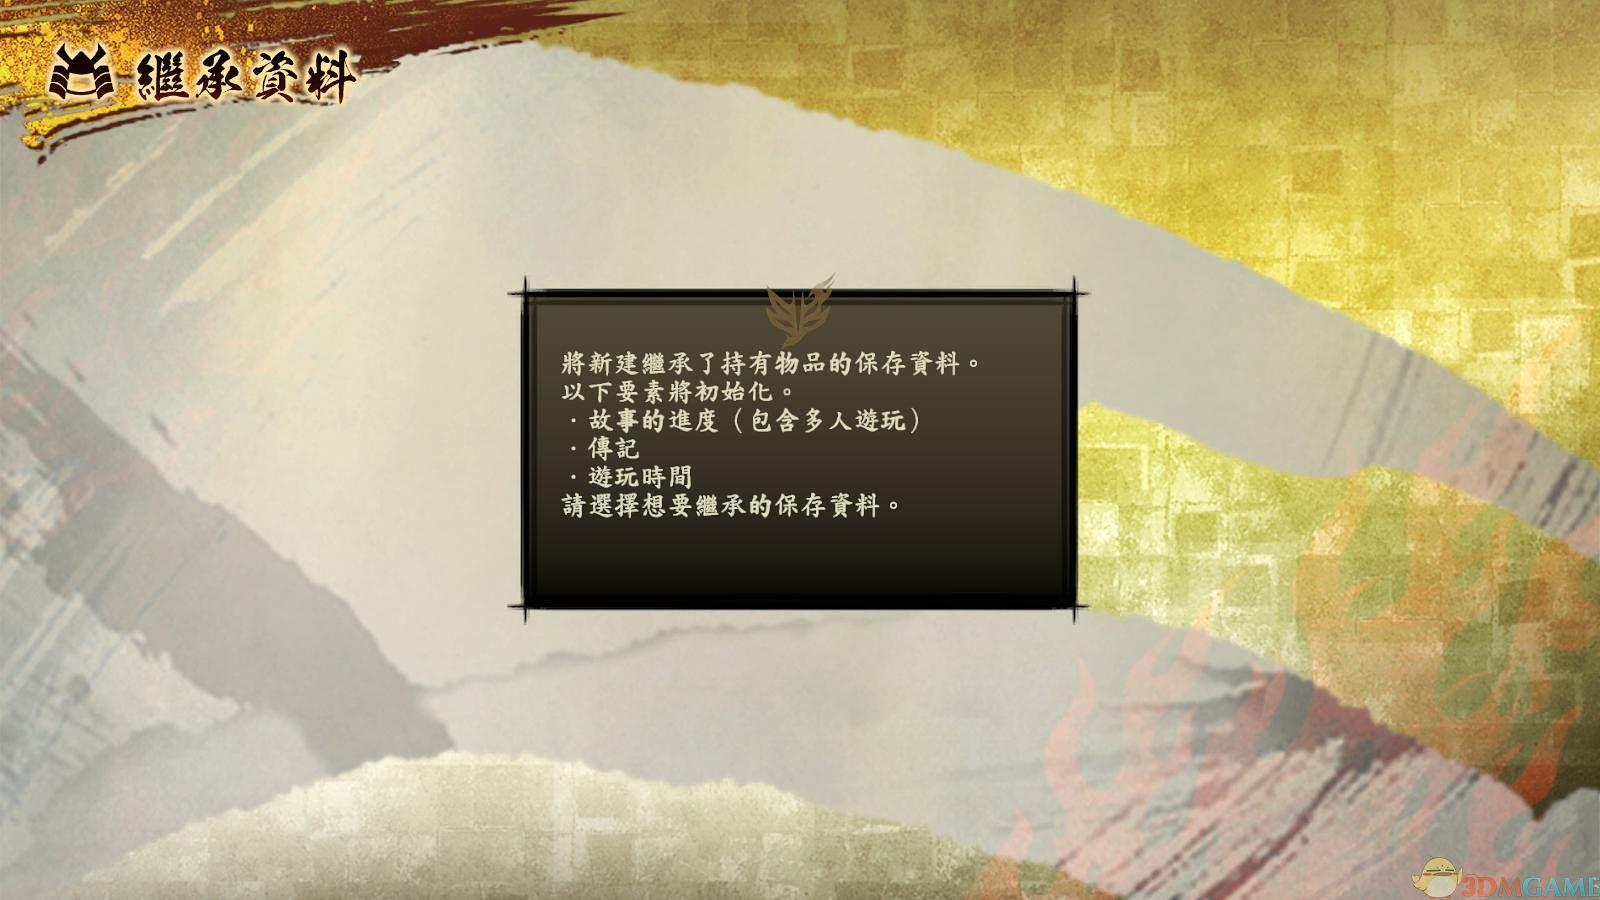 讨鬼传极 3号(v1.0.2.H)升级档+DLC+破解补丁[3DM]